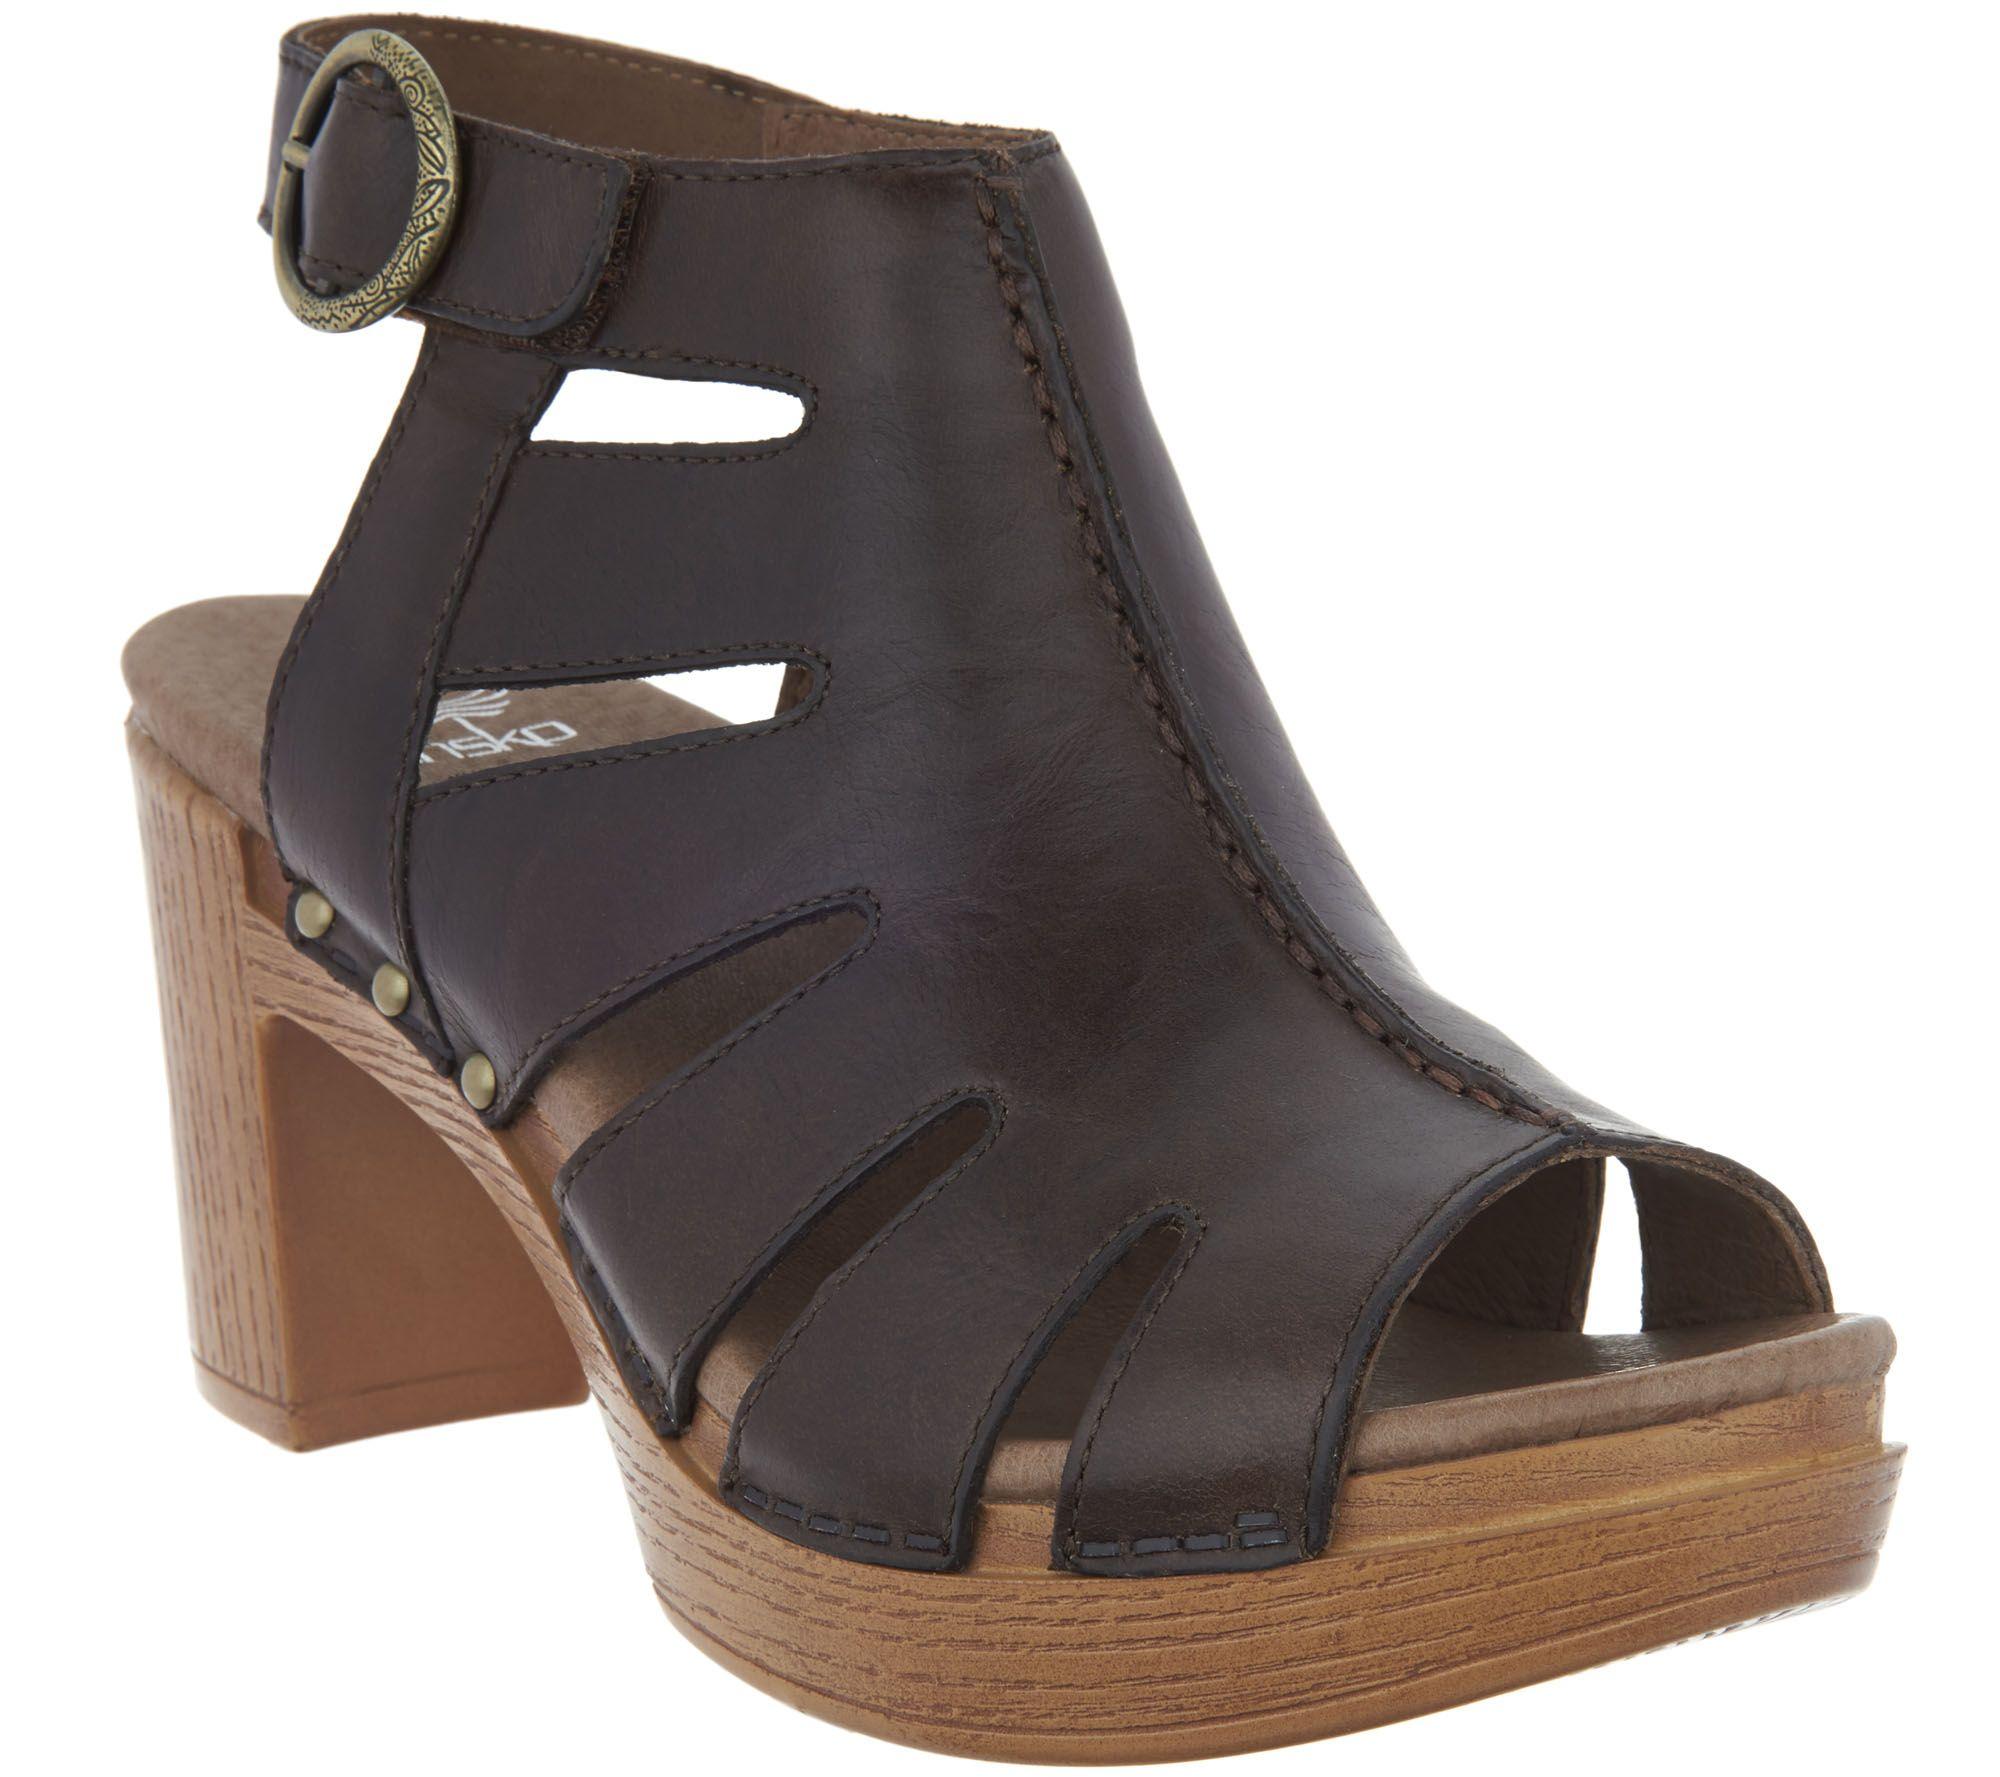 63523f17582 Dansko Leather Cut-out Sandals - Demetra - Page 1 — QVC.com